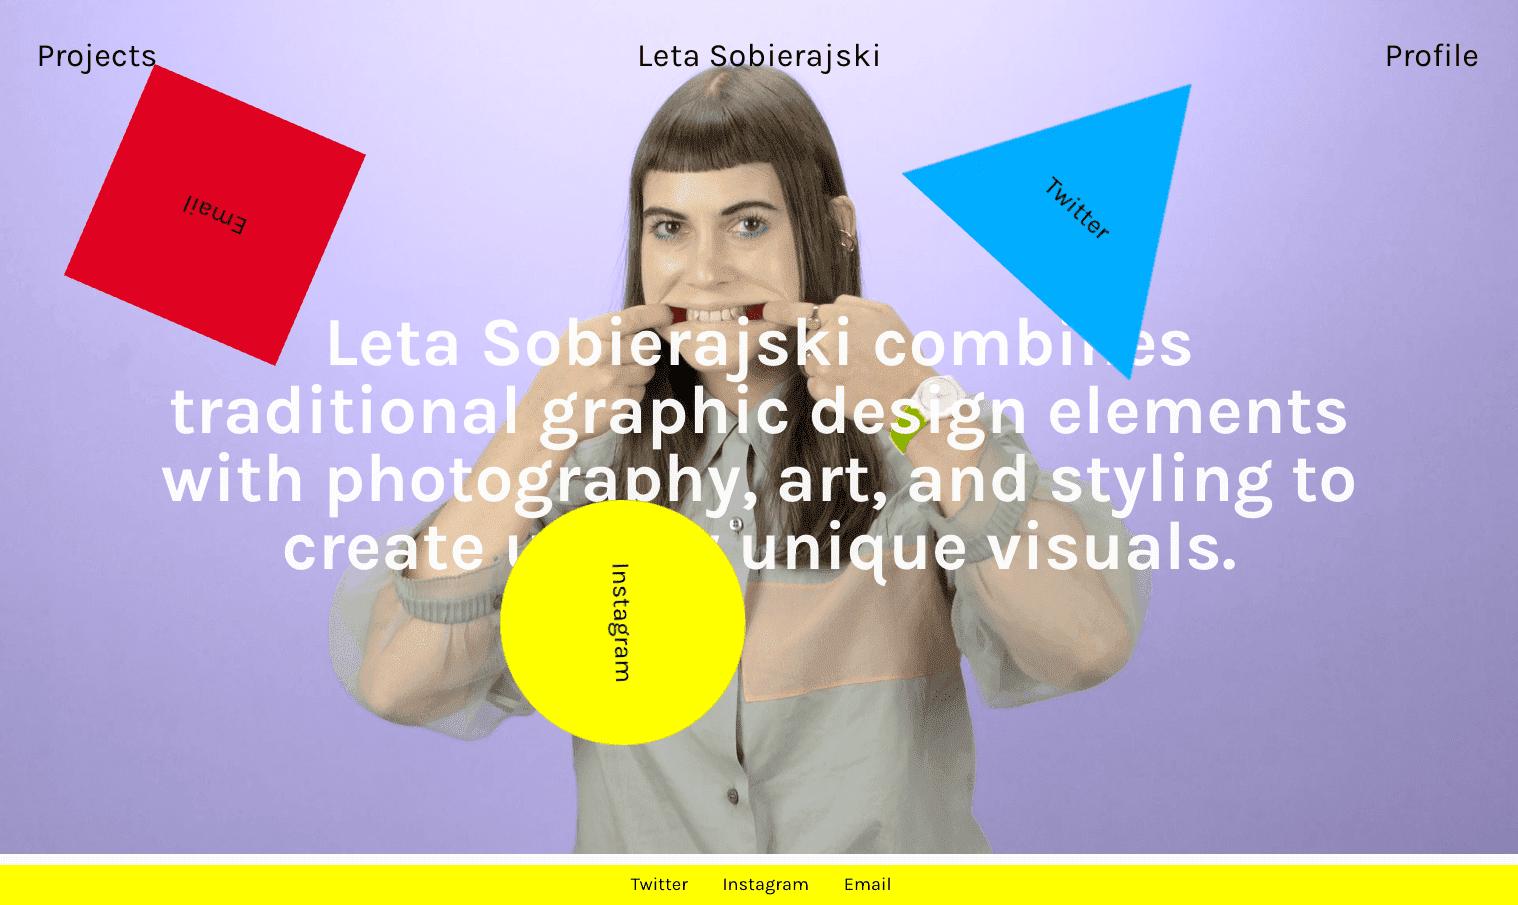 Leta Sobierajski's portfolio website